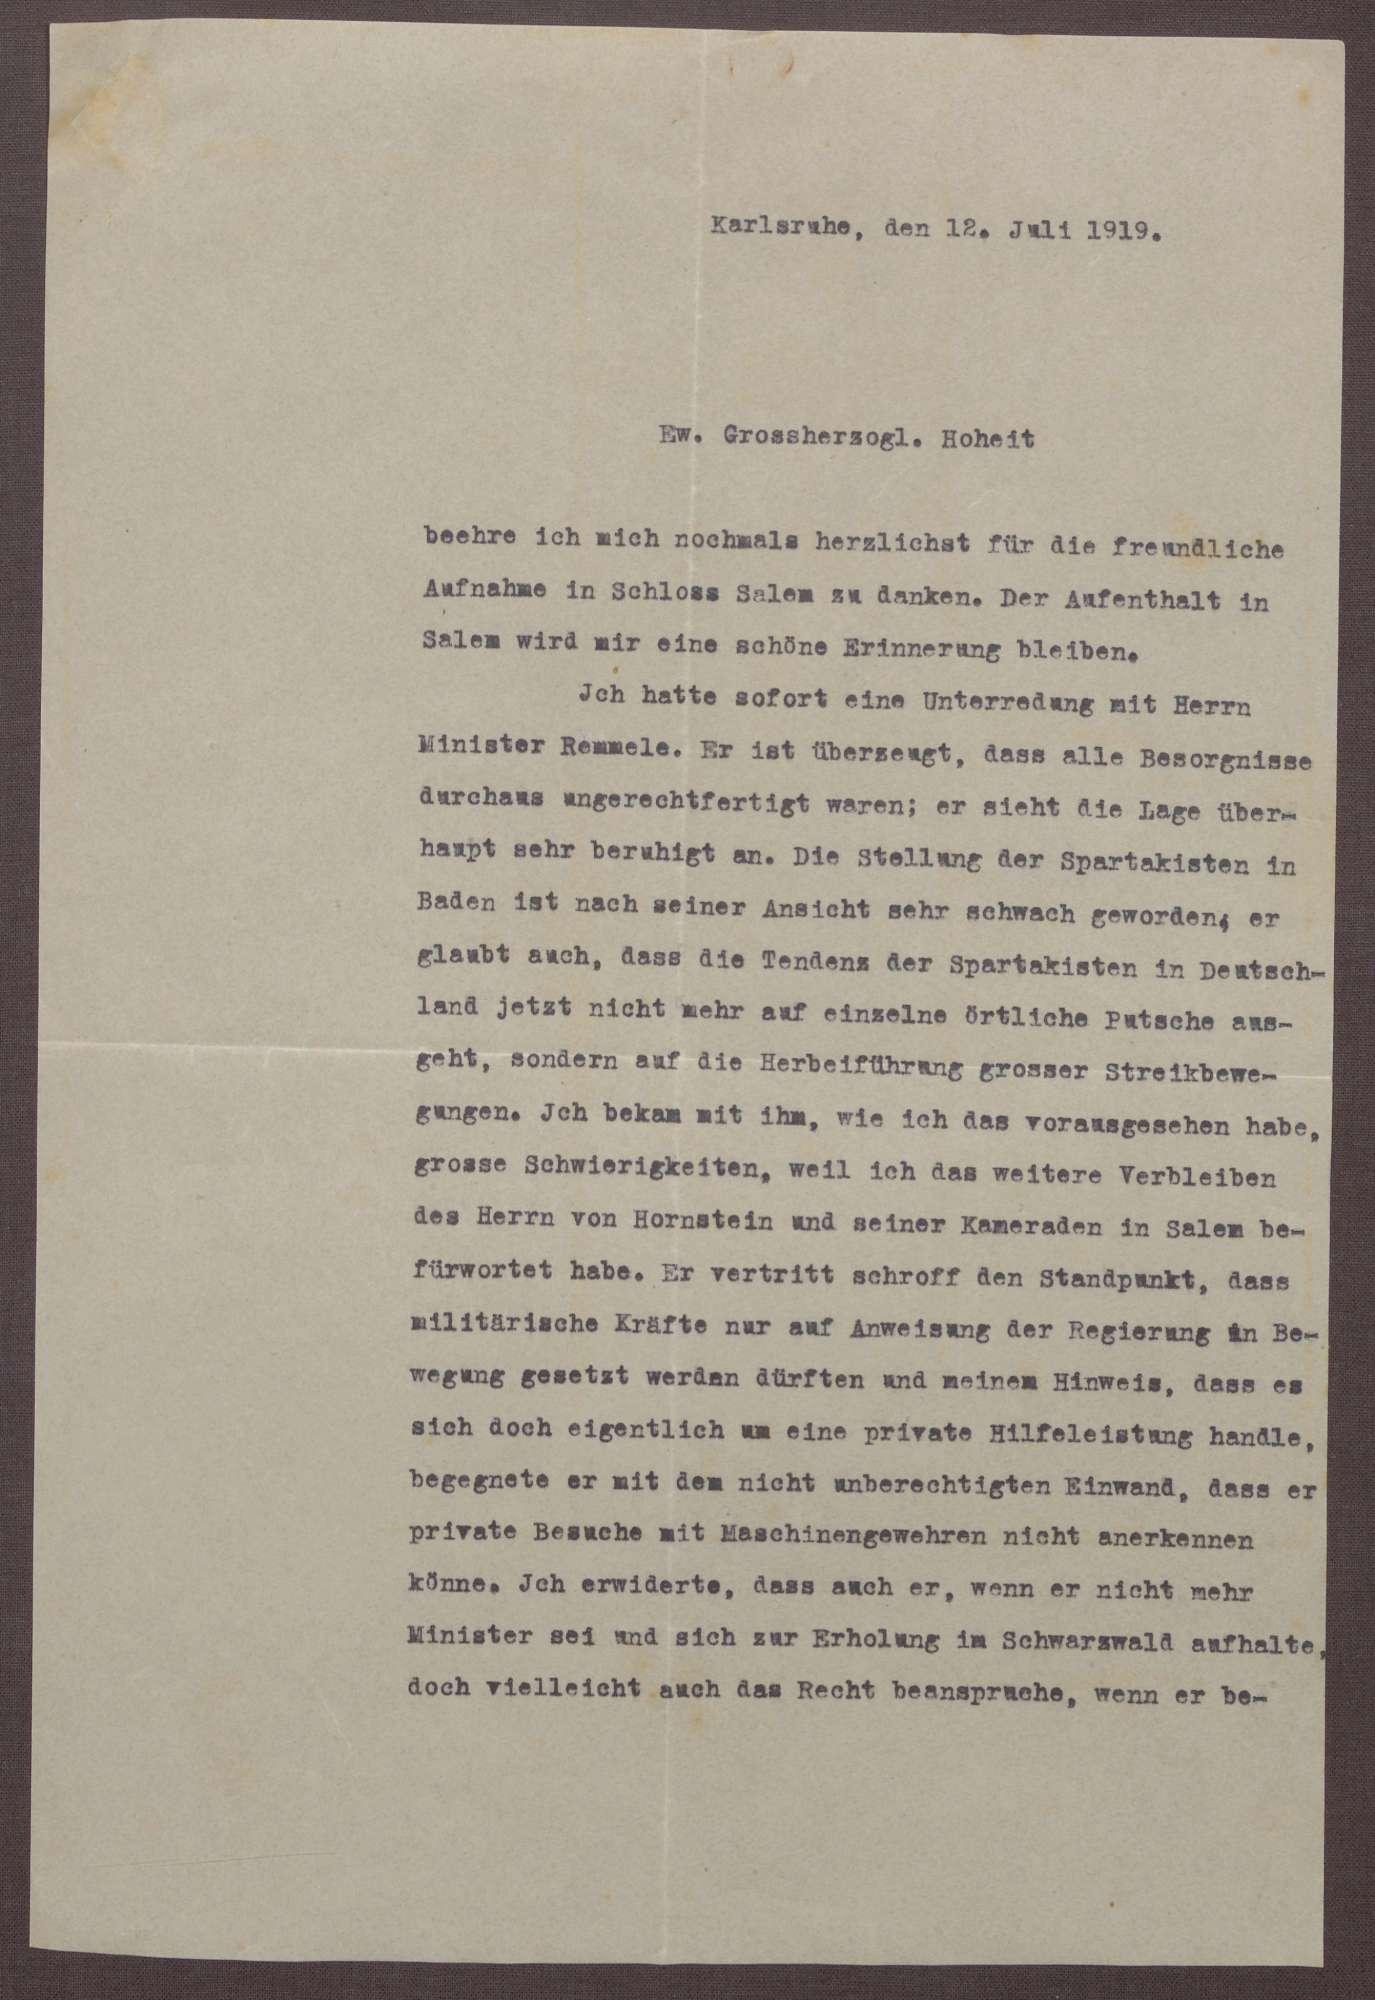 Schreiben von Ludwig Haas an Prinz Max von Baden; Unterredung mit Adam Remmele über die Spartakisten im Seekreis und die Flucht der Familie des Prinzen Max in die Schweiz, Bild 1